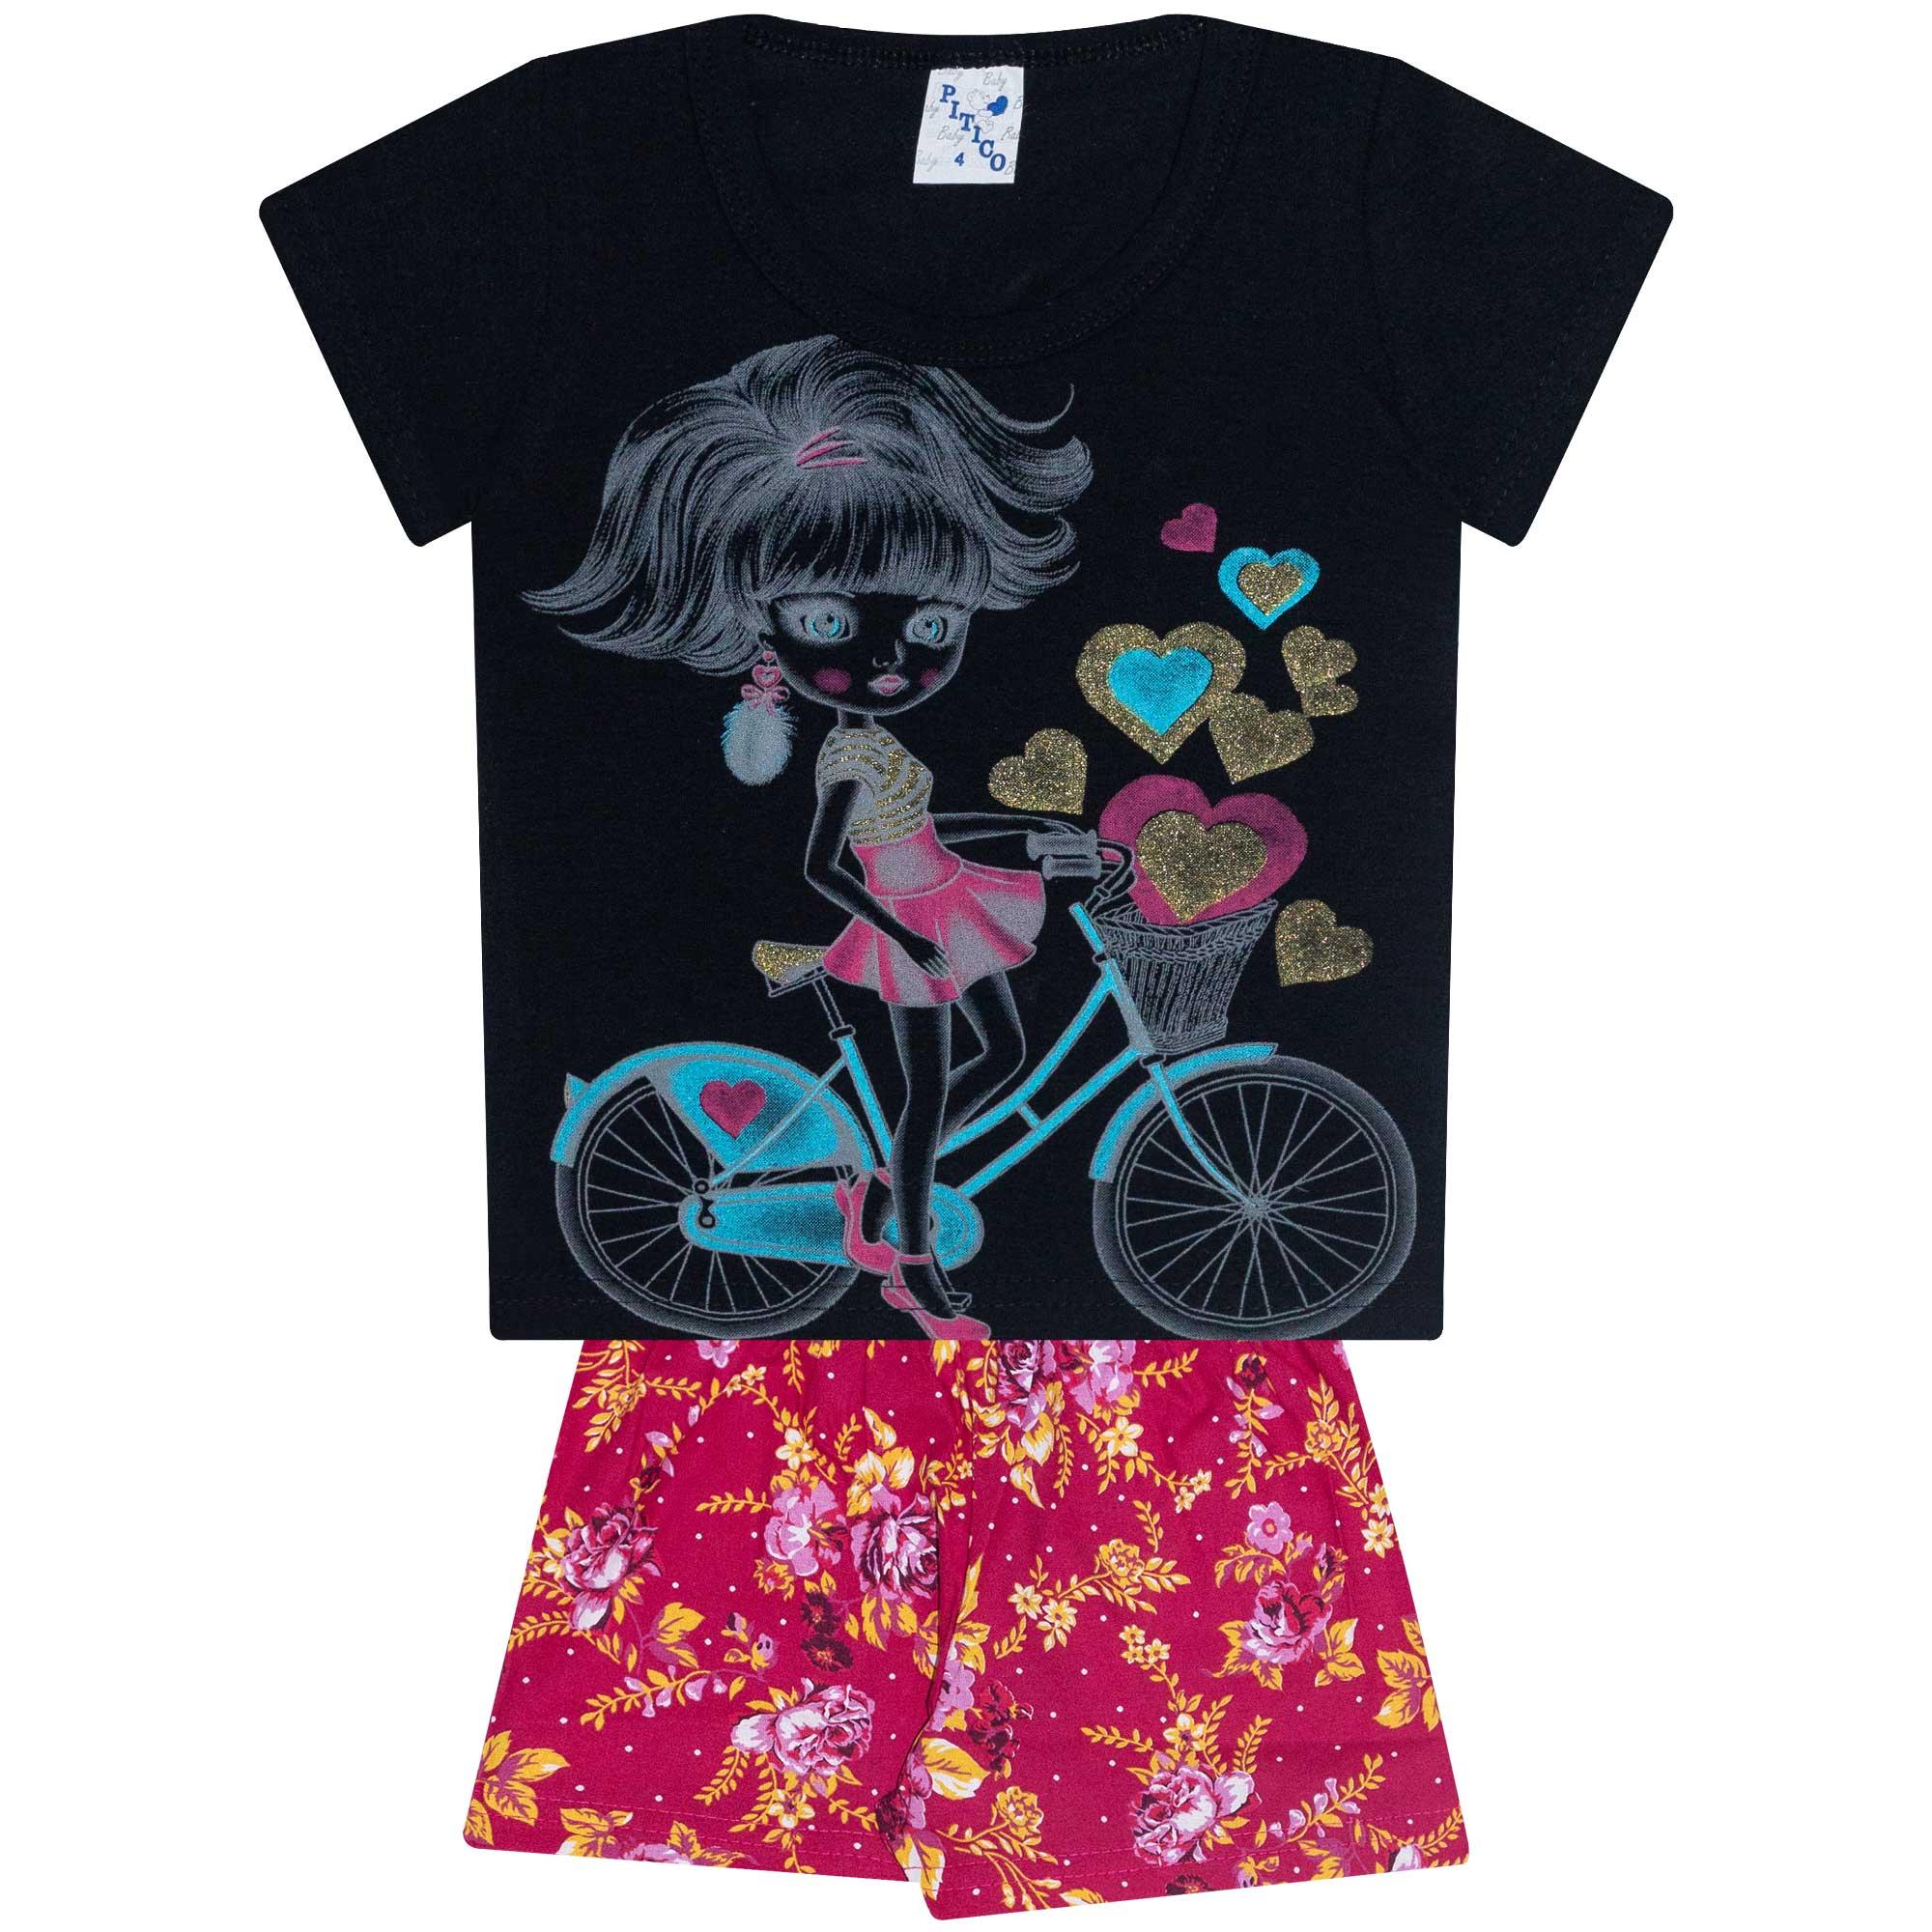 Conjunto Infantil Feminino - Ref 1025 - Preto/Pink - Pitico